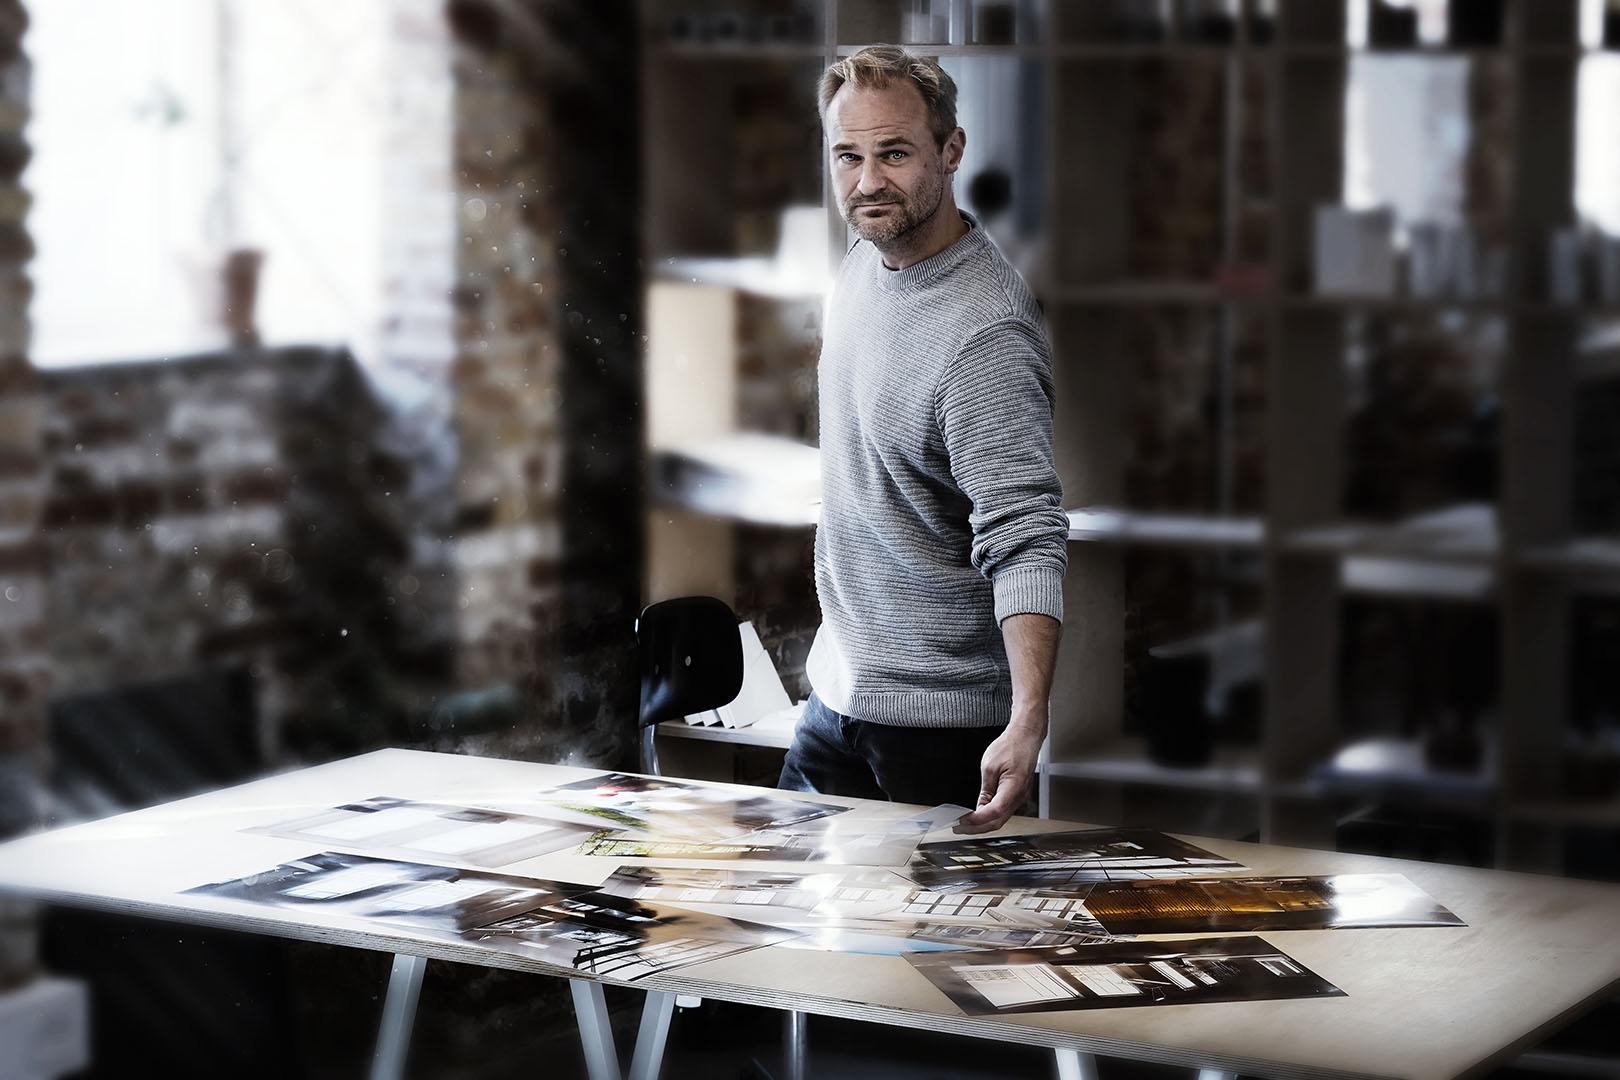 Archivisuals Peter Krogh-Hansen